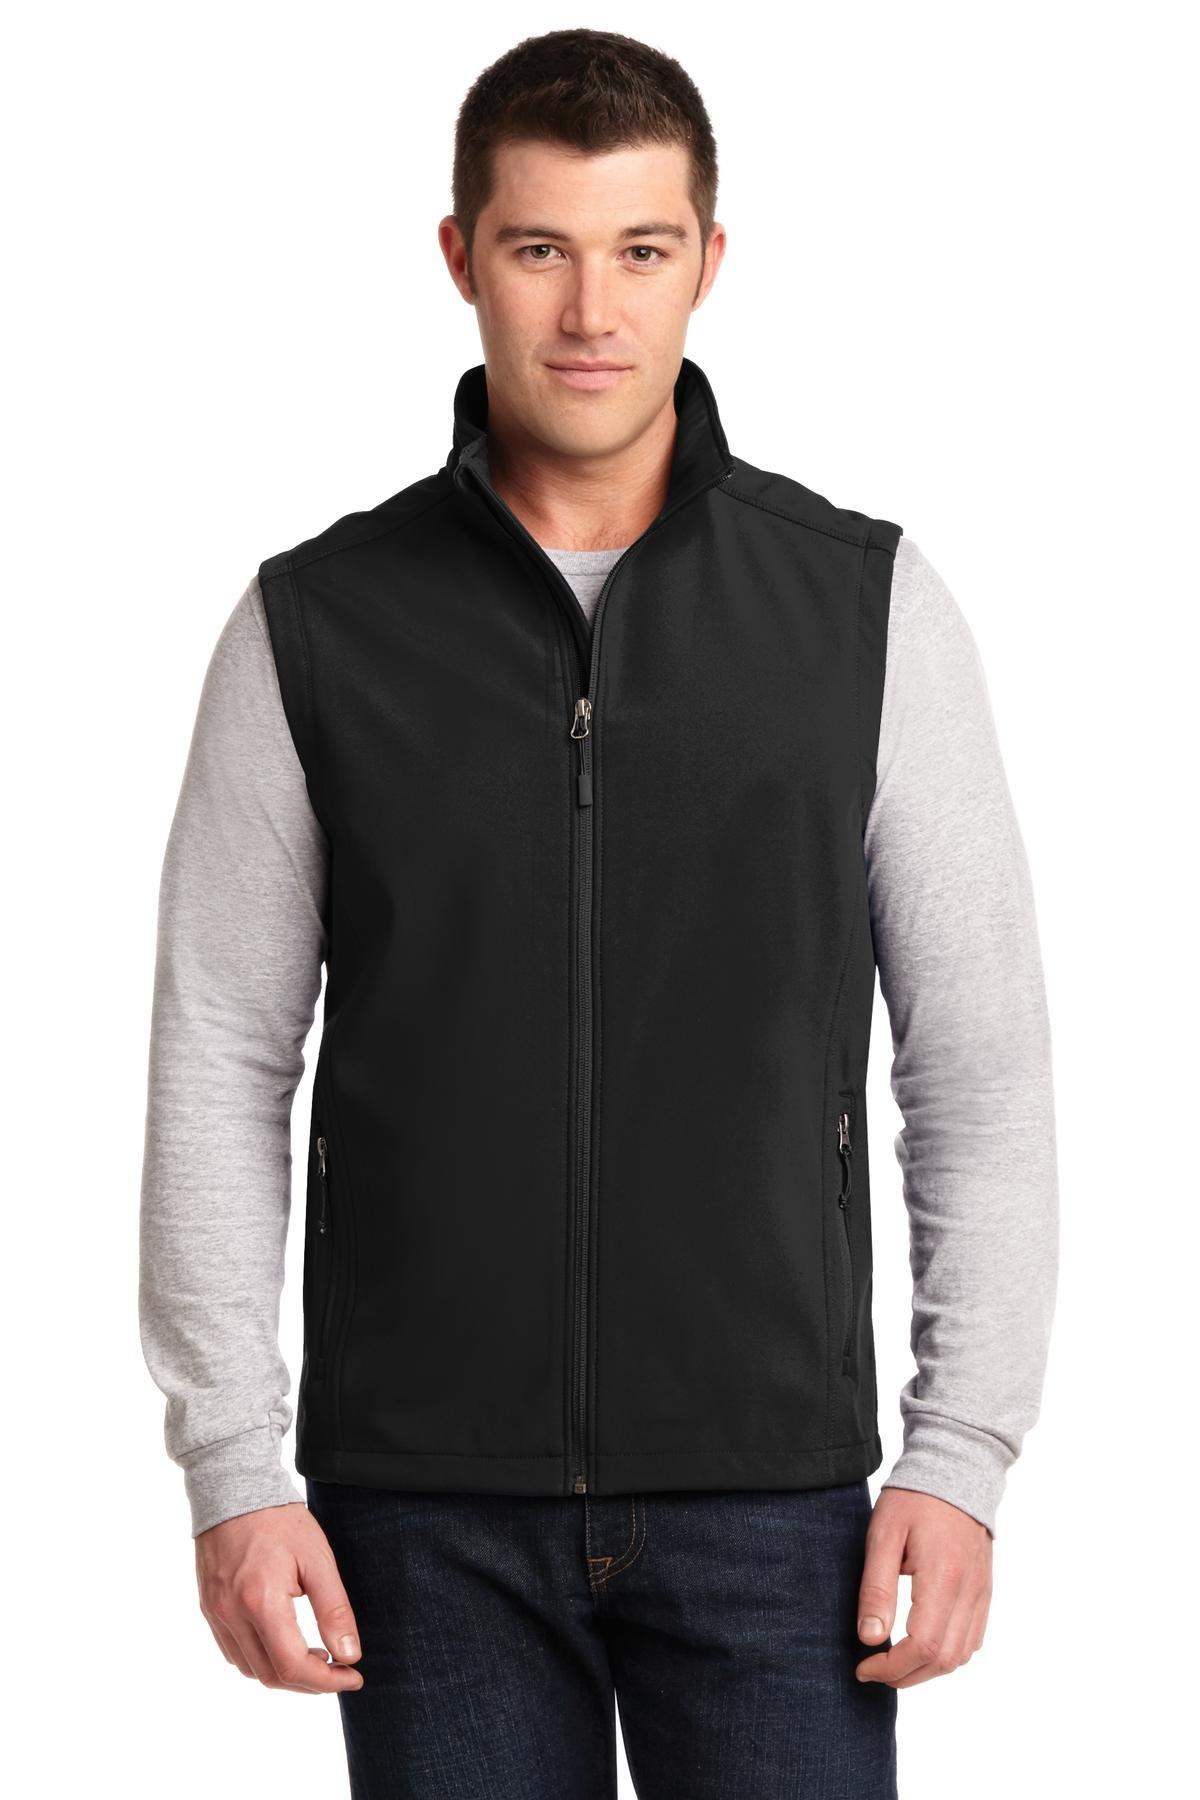 Port Authority Men's Core Soft Shell Vest 3XL Black by Port Authority